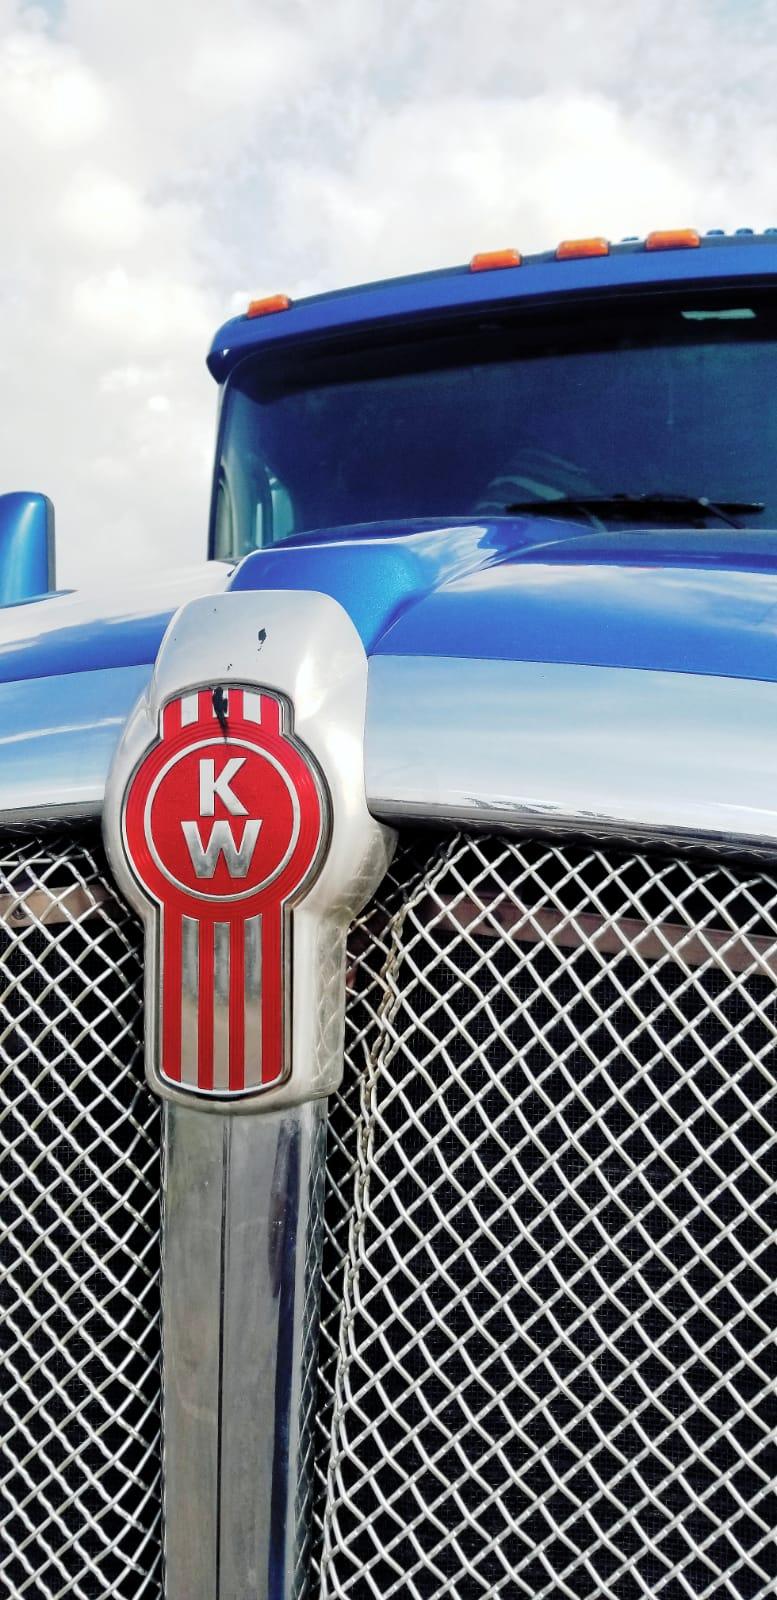 Kenwortht660paccar-18.jpg